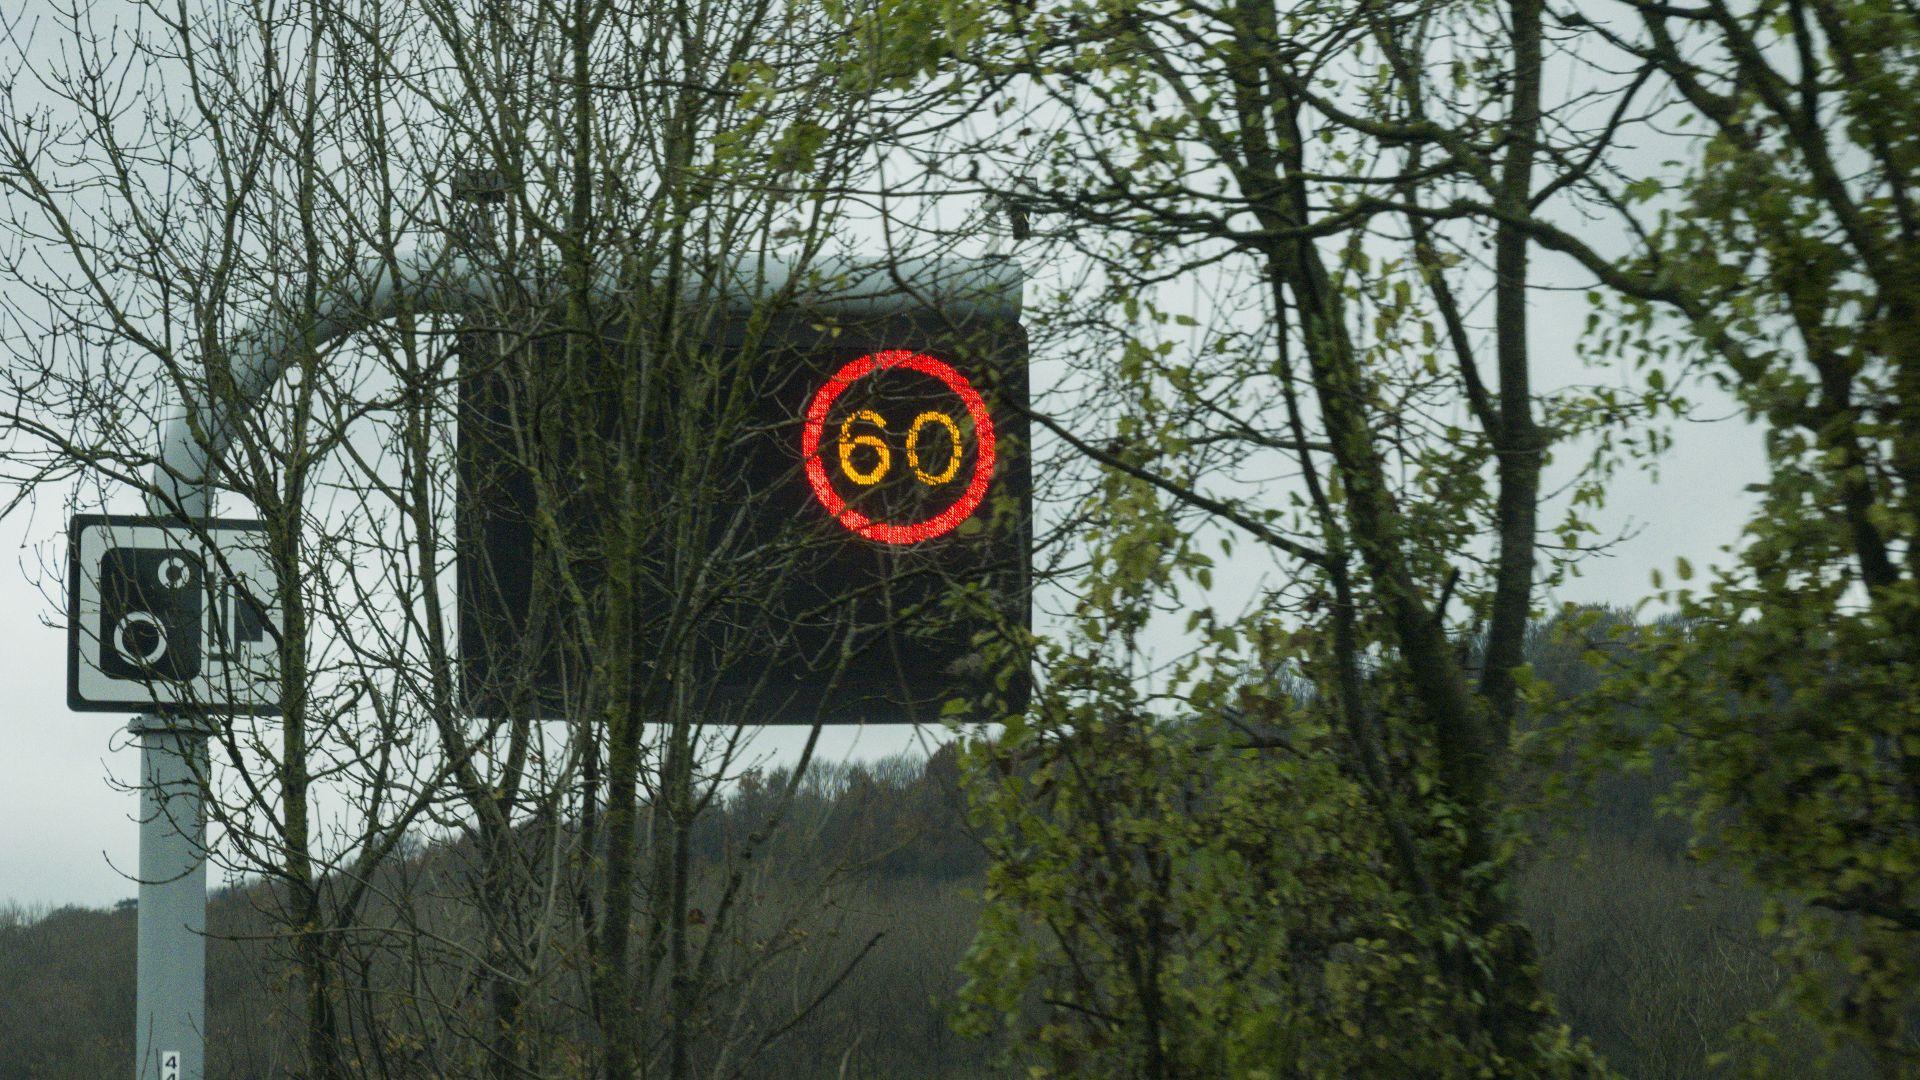 Speed cameras limits motorways